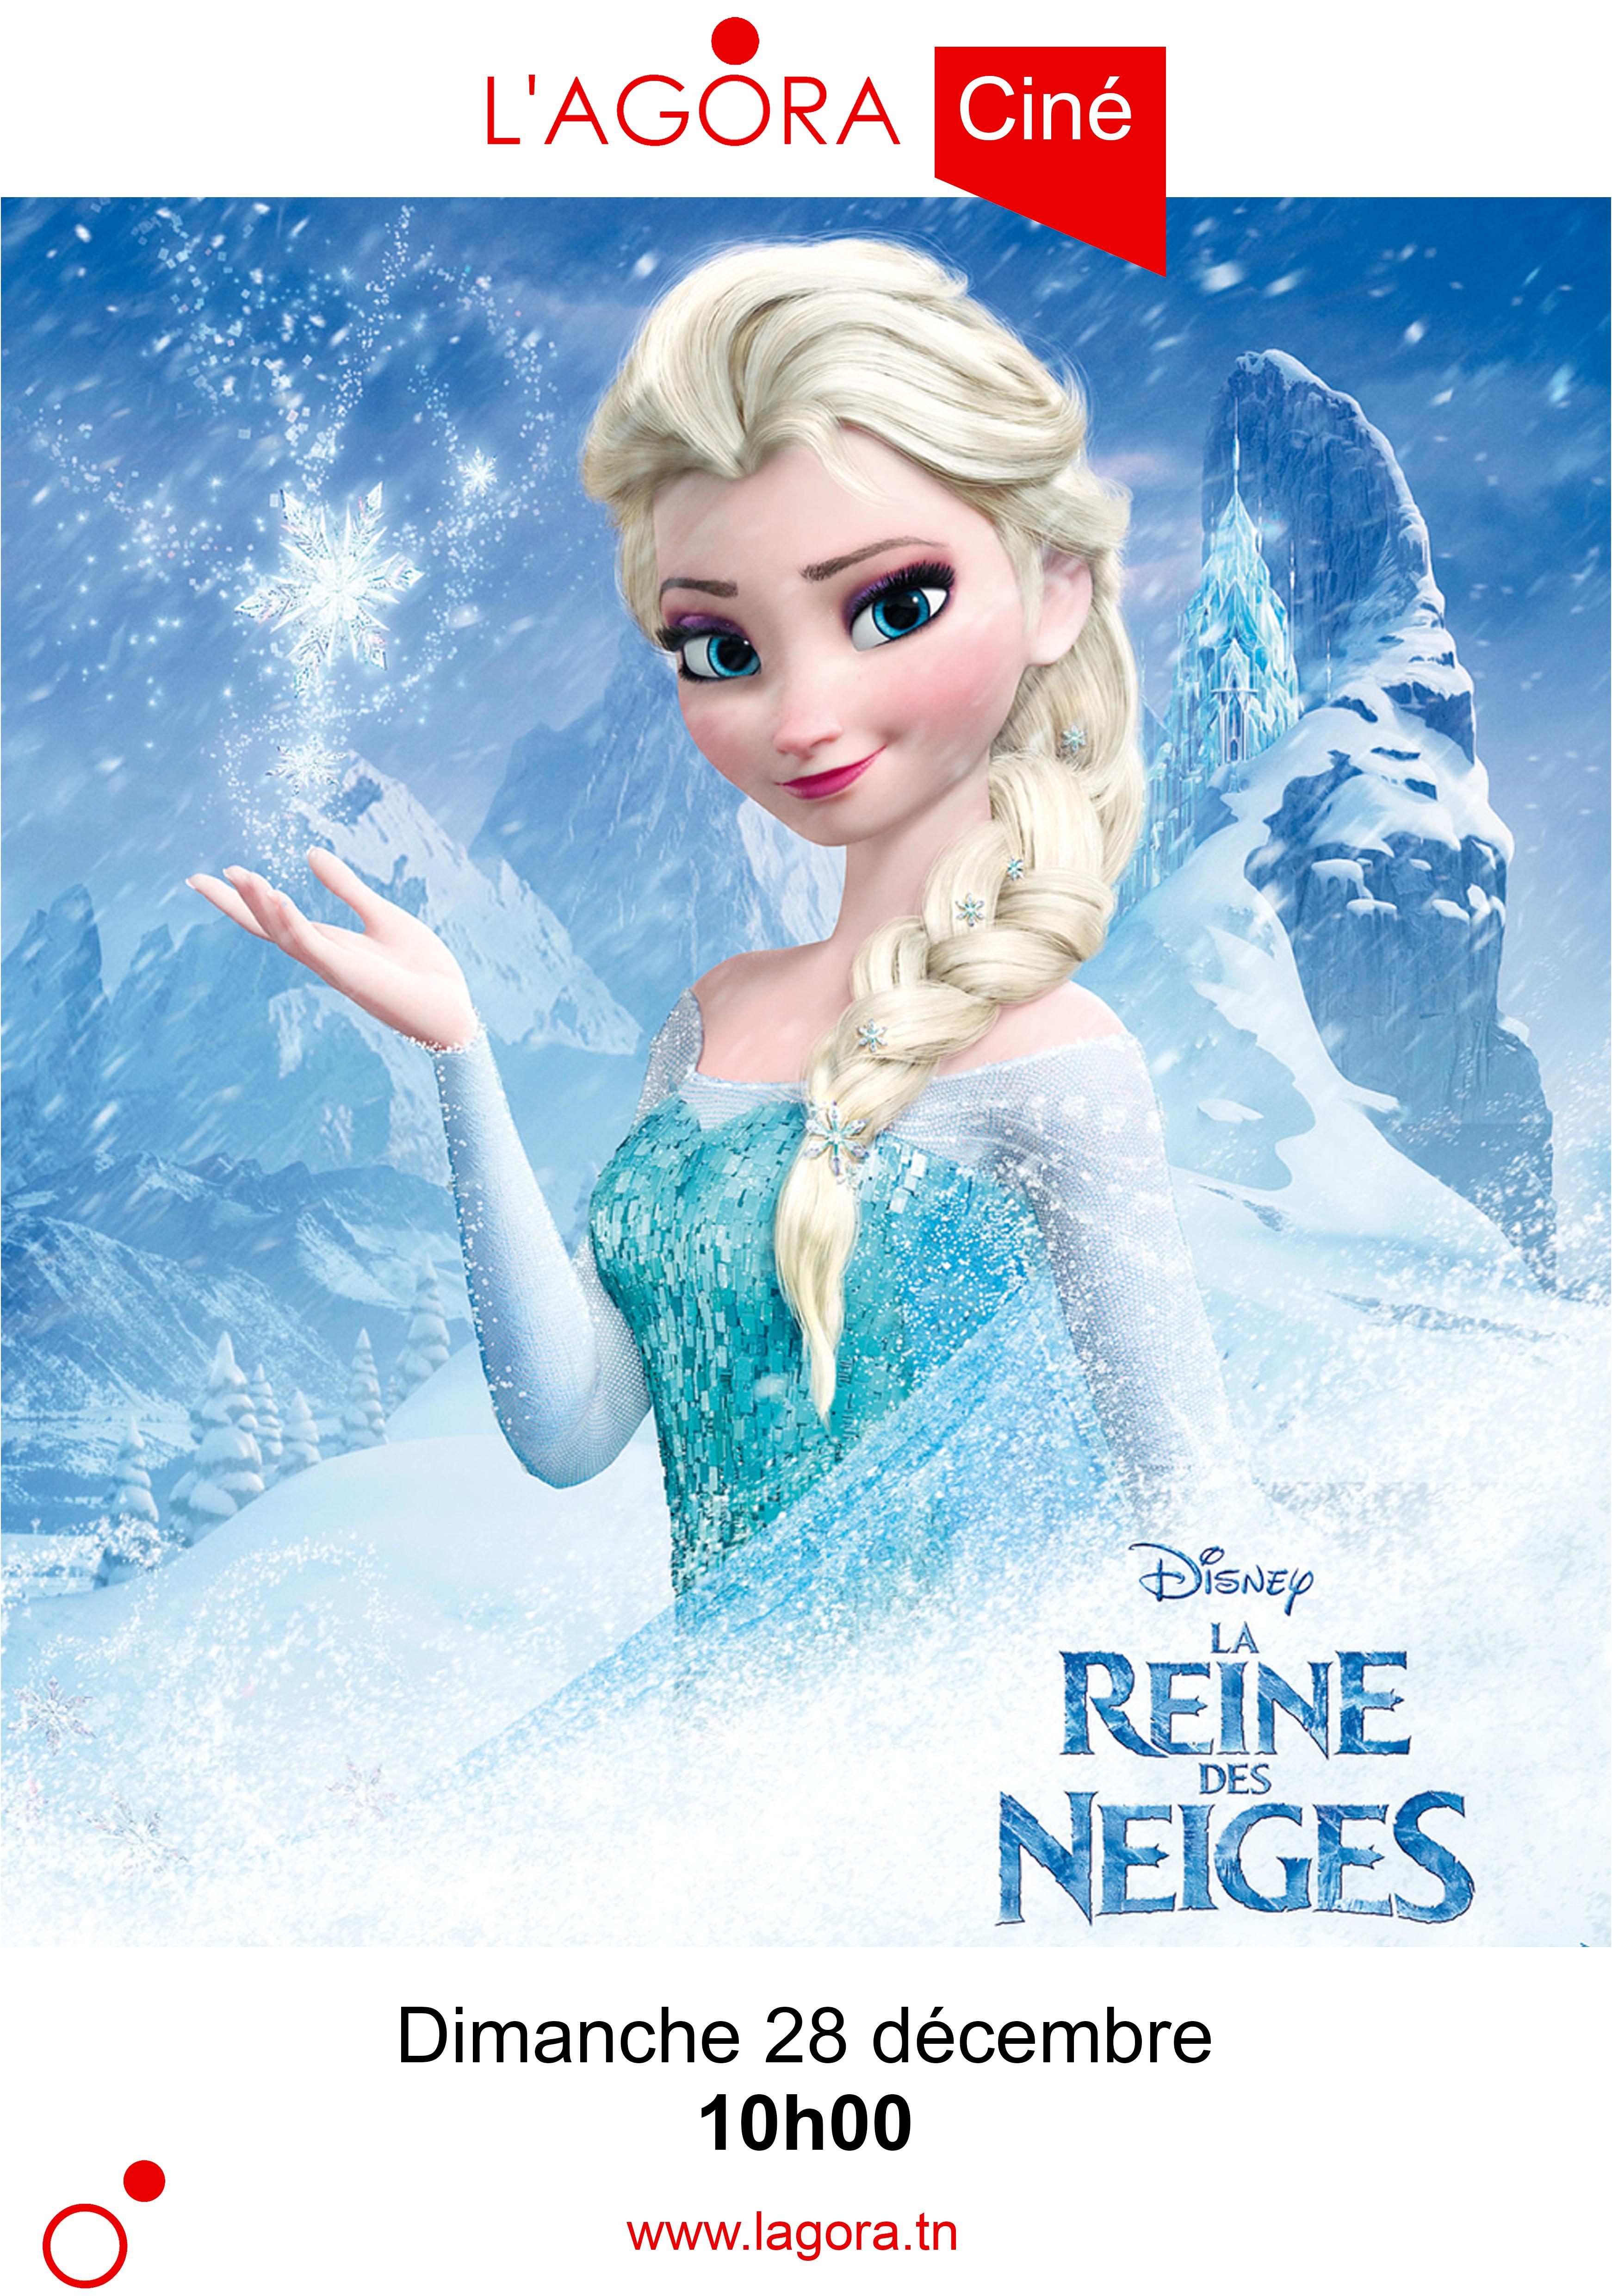 Film d 39 animation la reine des neiges l 39 agora - Fin de la reine des neiges ...